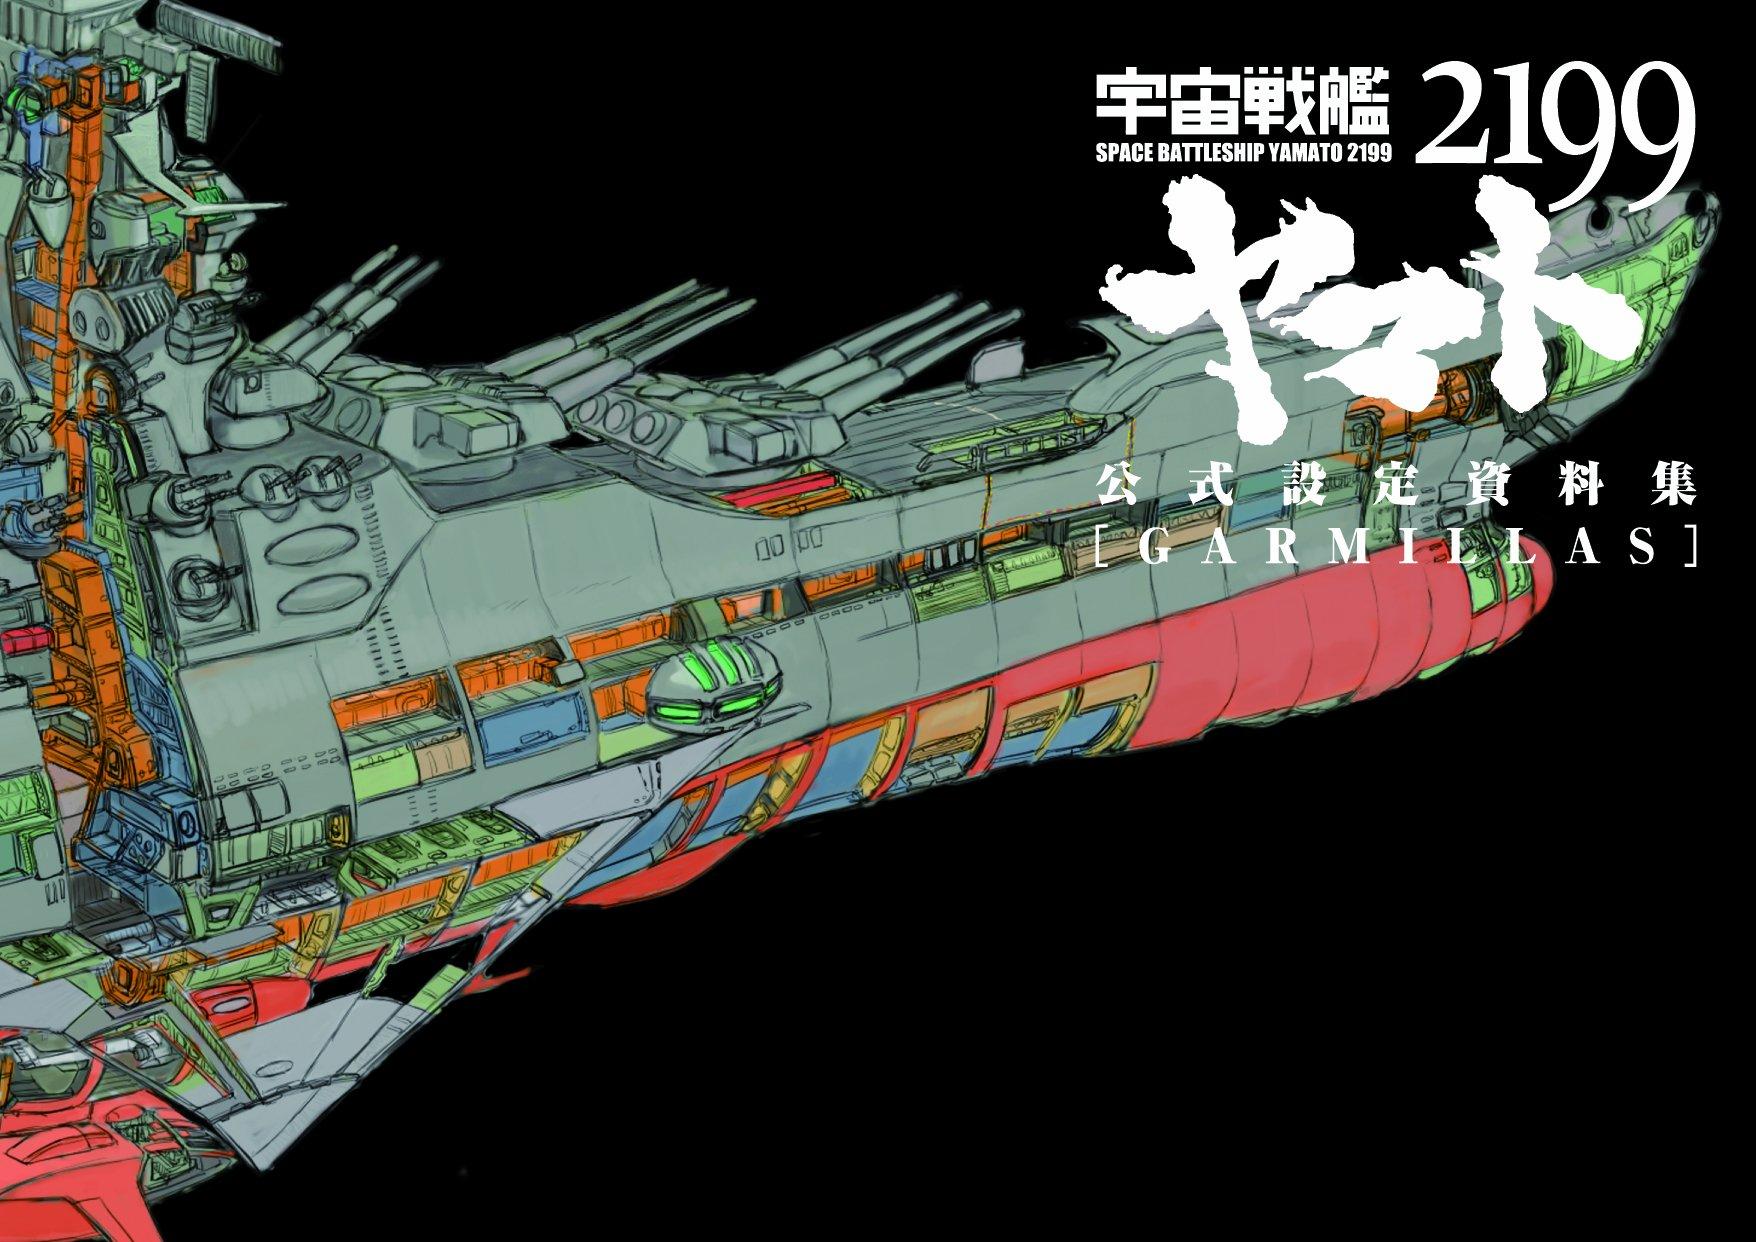 宇宙戦艦ヤマト2199の画像 p1_39